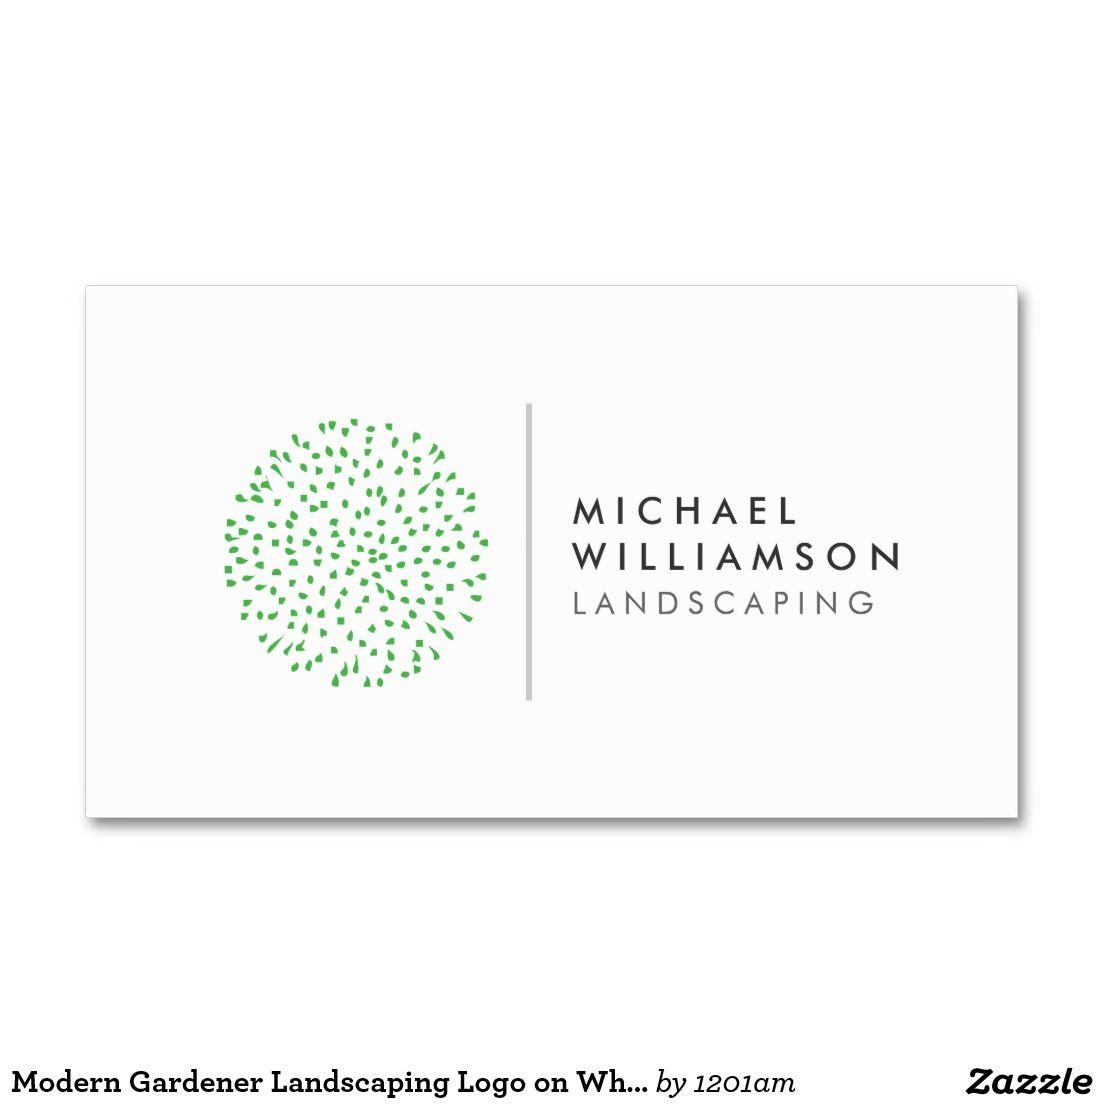 Modern gardener landscaping logo on white business card business modern gardener landscaping logo on white business card magicingreecefo Gallery